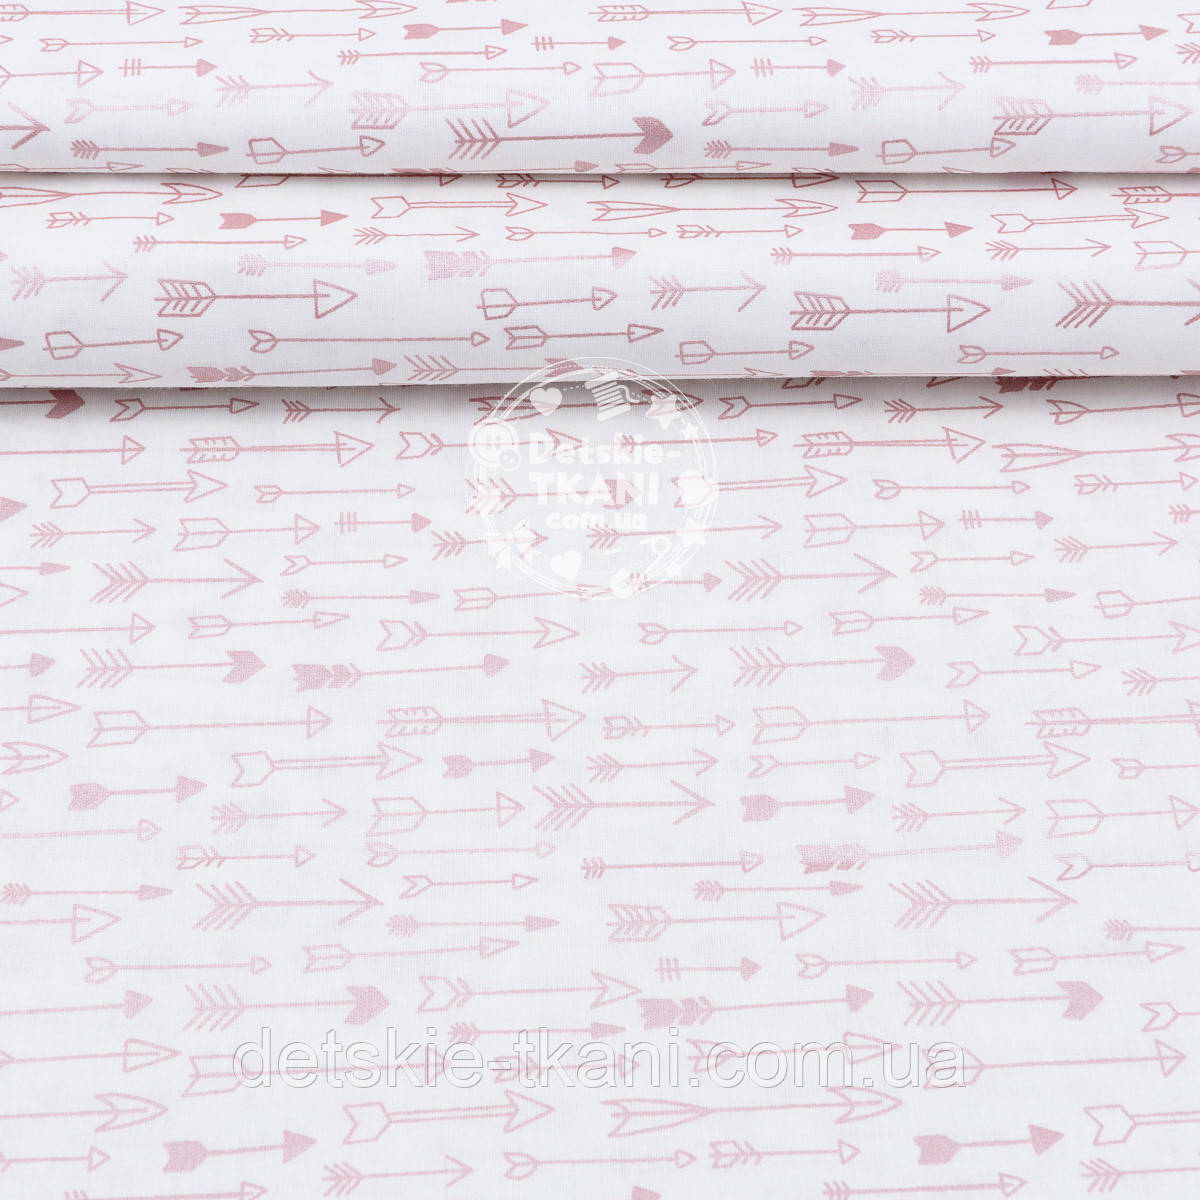 """Поплин шириной 240 см с глиттерным рисунком """"Густые розовые стрелы с перламутром"""" на белом (№1675)"""